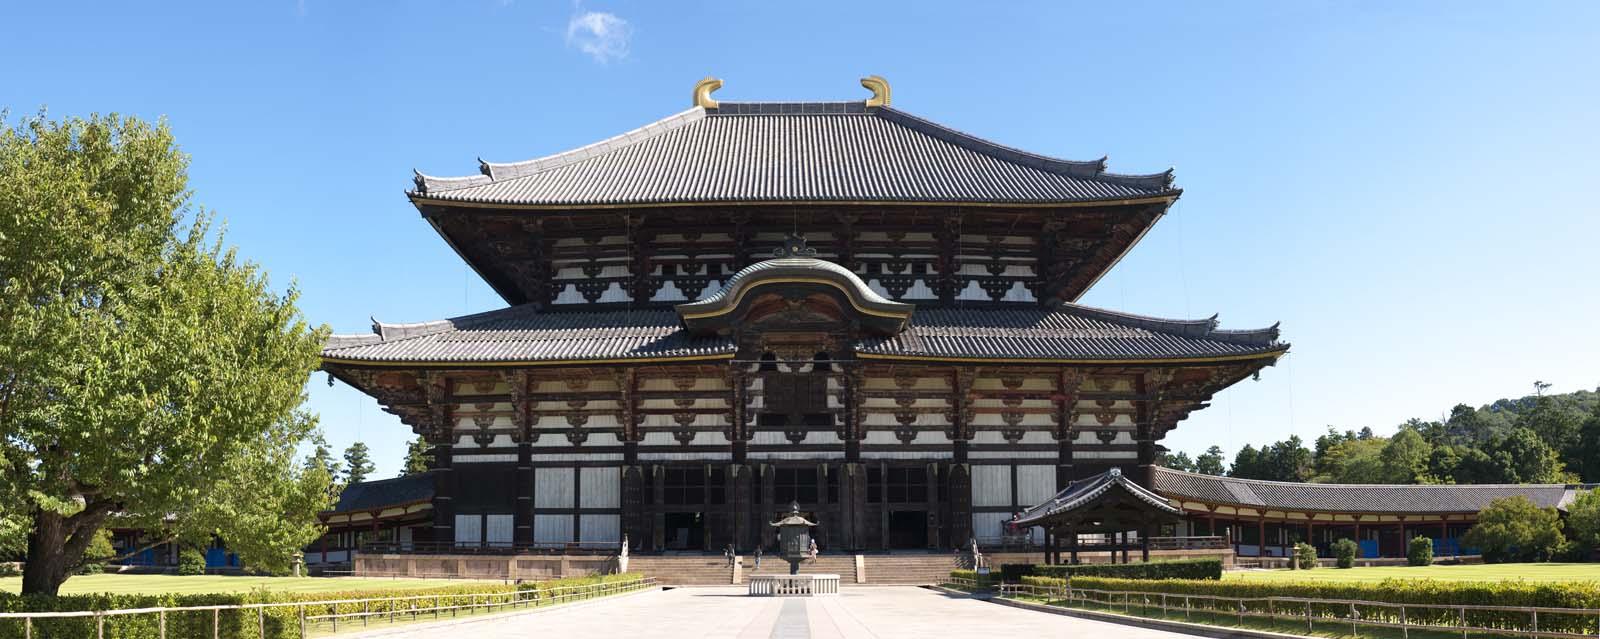 Foto, materieel, vrij, landschap, schilderstuk, bevoorraden foto,De Todai-ji Temple Hall van de Great Buddha, Groot standbeeld van De boeddha, Van hout gebouw, Boeddhisme, Tempel